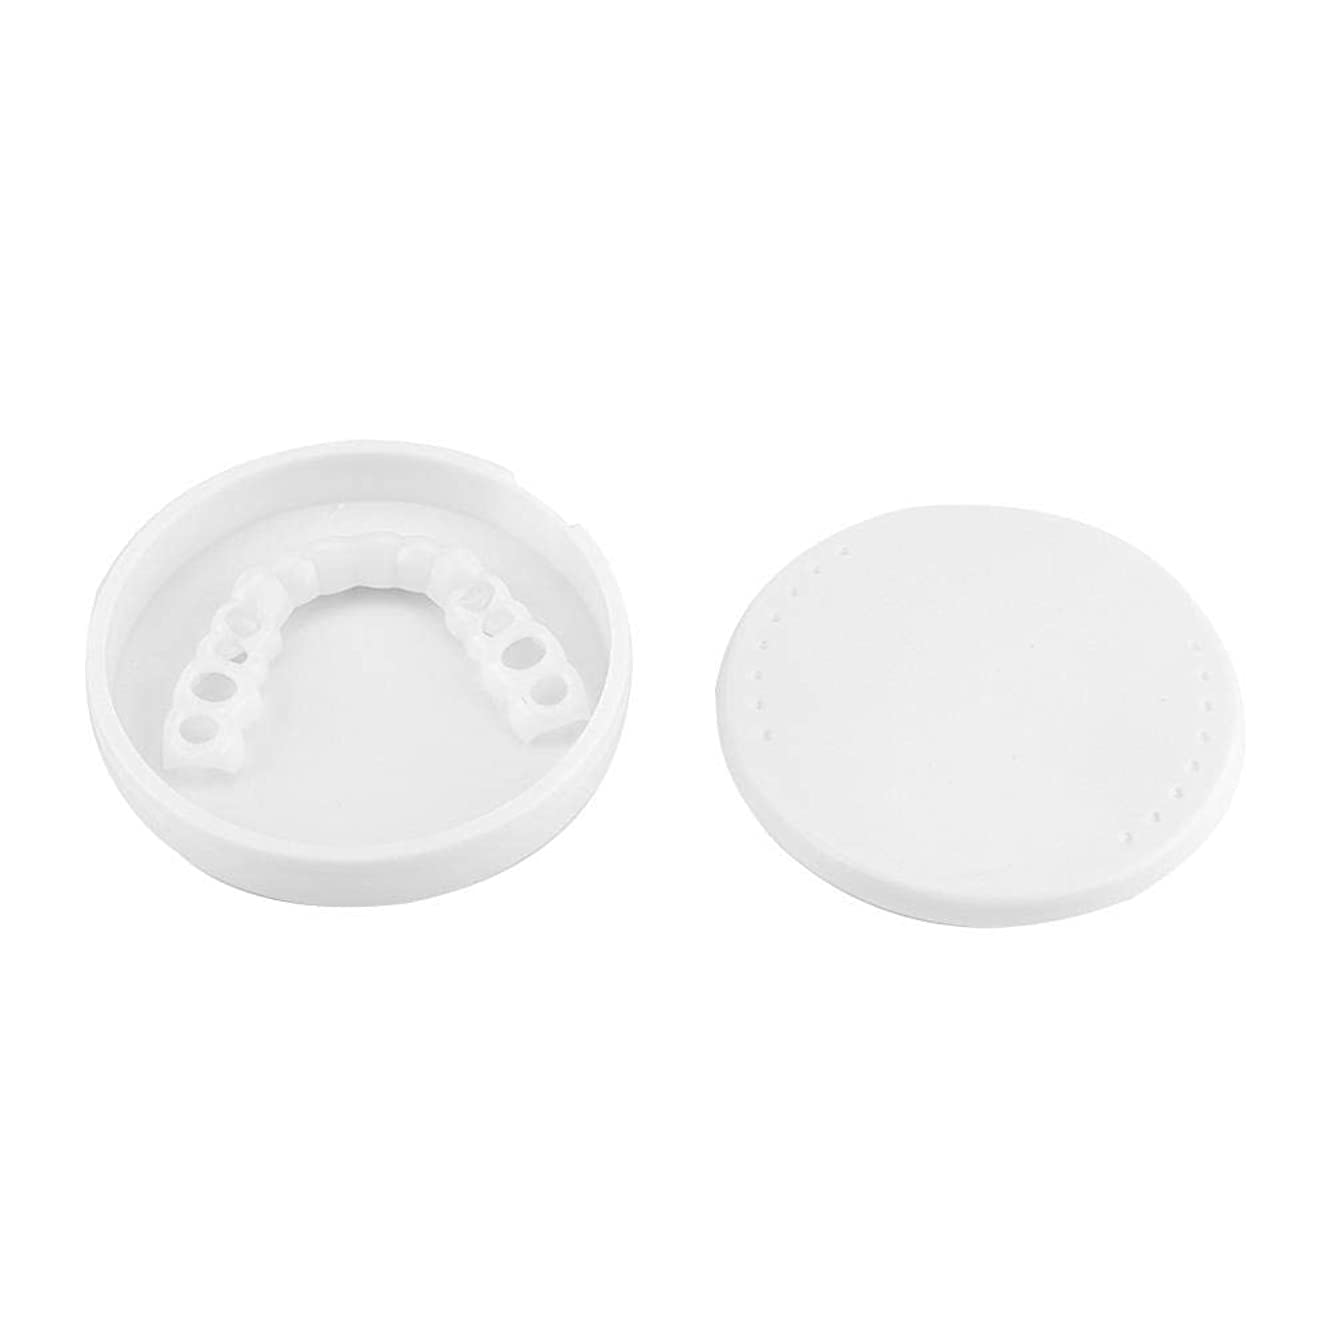 嵐食物毎年Salinr インスタント 完璧なベニヤの歯スナップキャップを白く 一時的な化粧品歯義 歯化粧品シミュレーション 白くする歯カバー フィットフレックス歯ベニア上の歯+下歯のセット